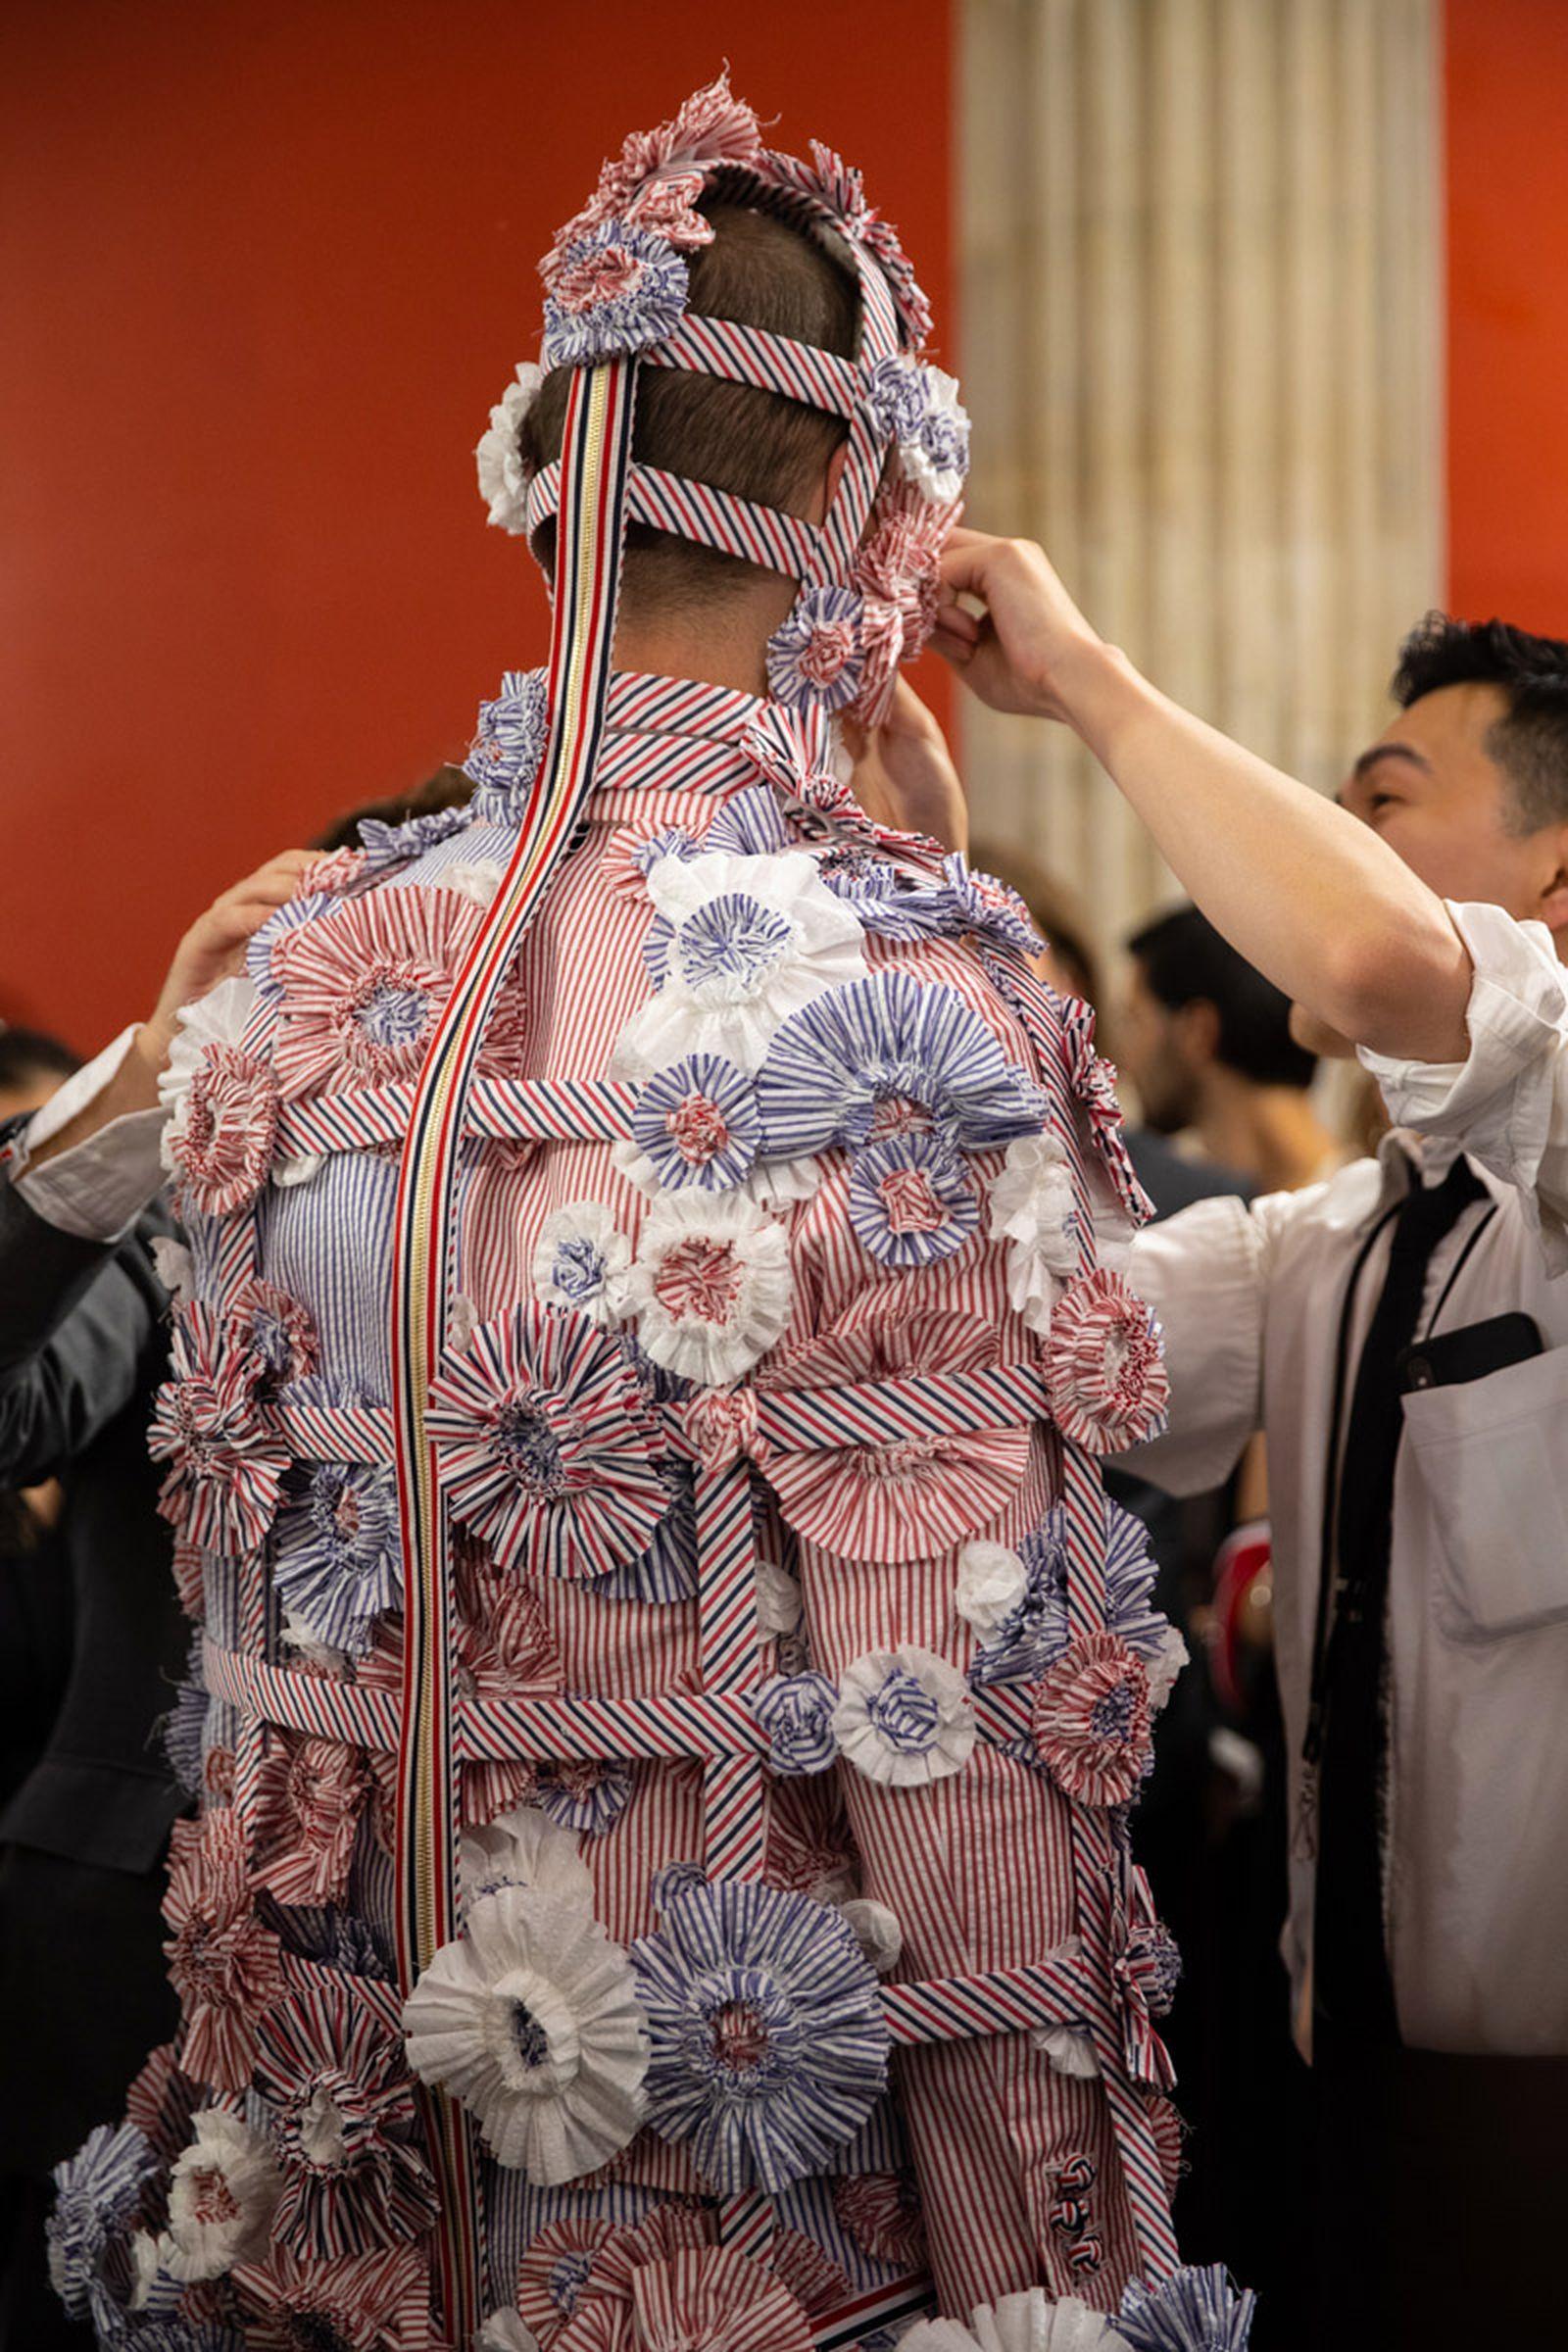 MSS20 Paris Thom Browne Eva Al Desnudo For web 09 paris fashion week runway